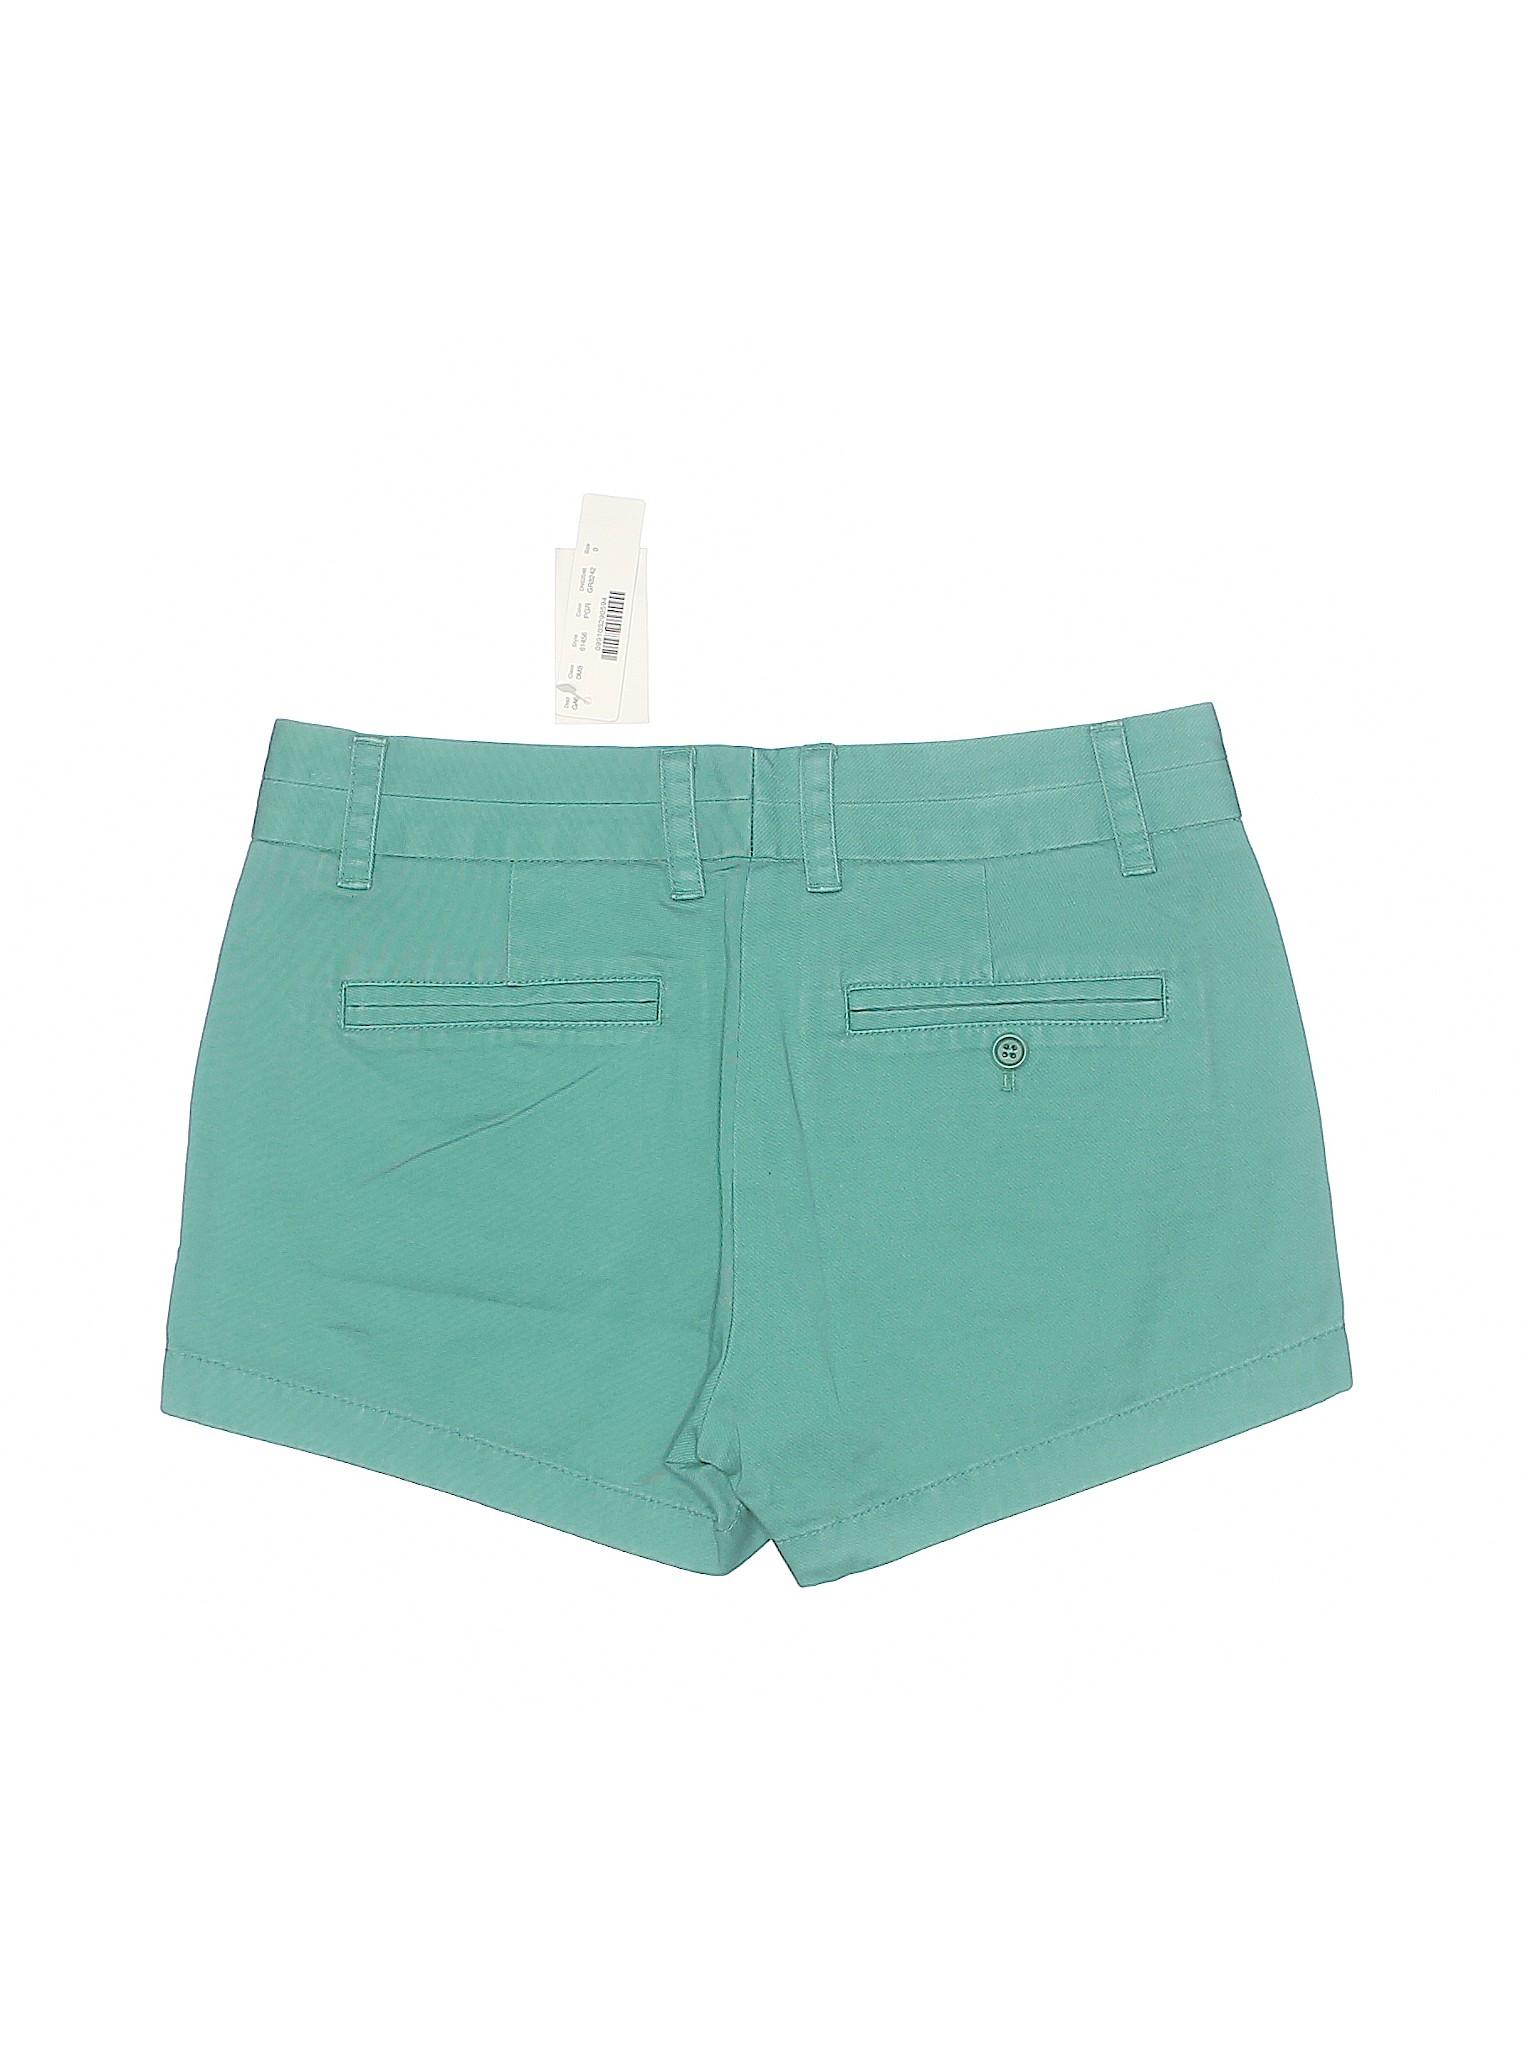 Khaki Boutique J Shorts Crew J Boutique Shorts Khaki Boutique Crew Uffqw6